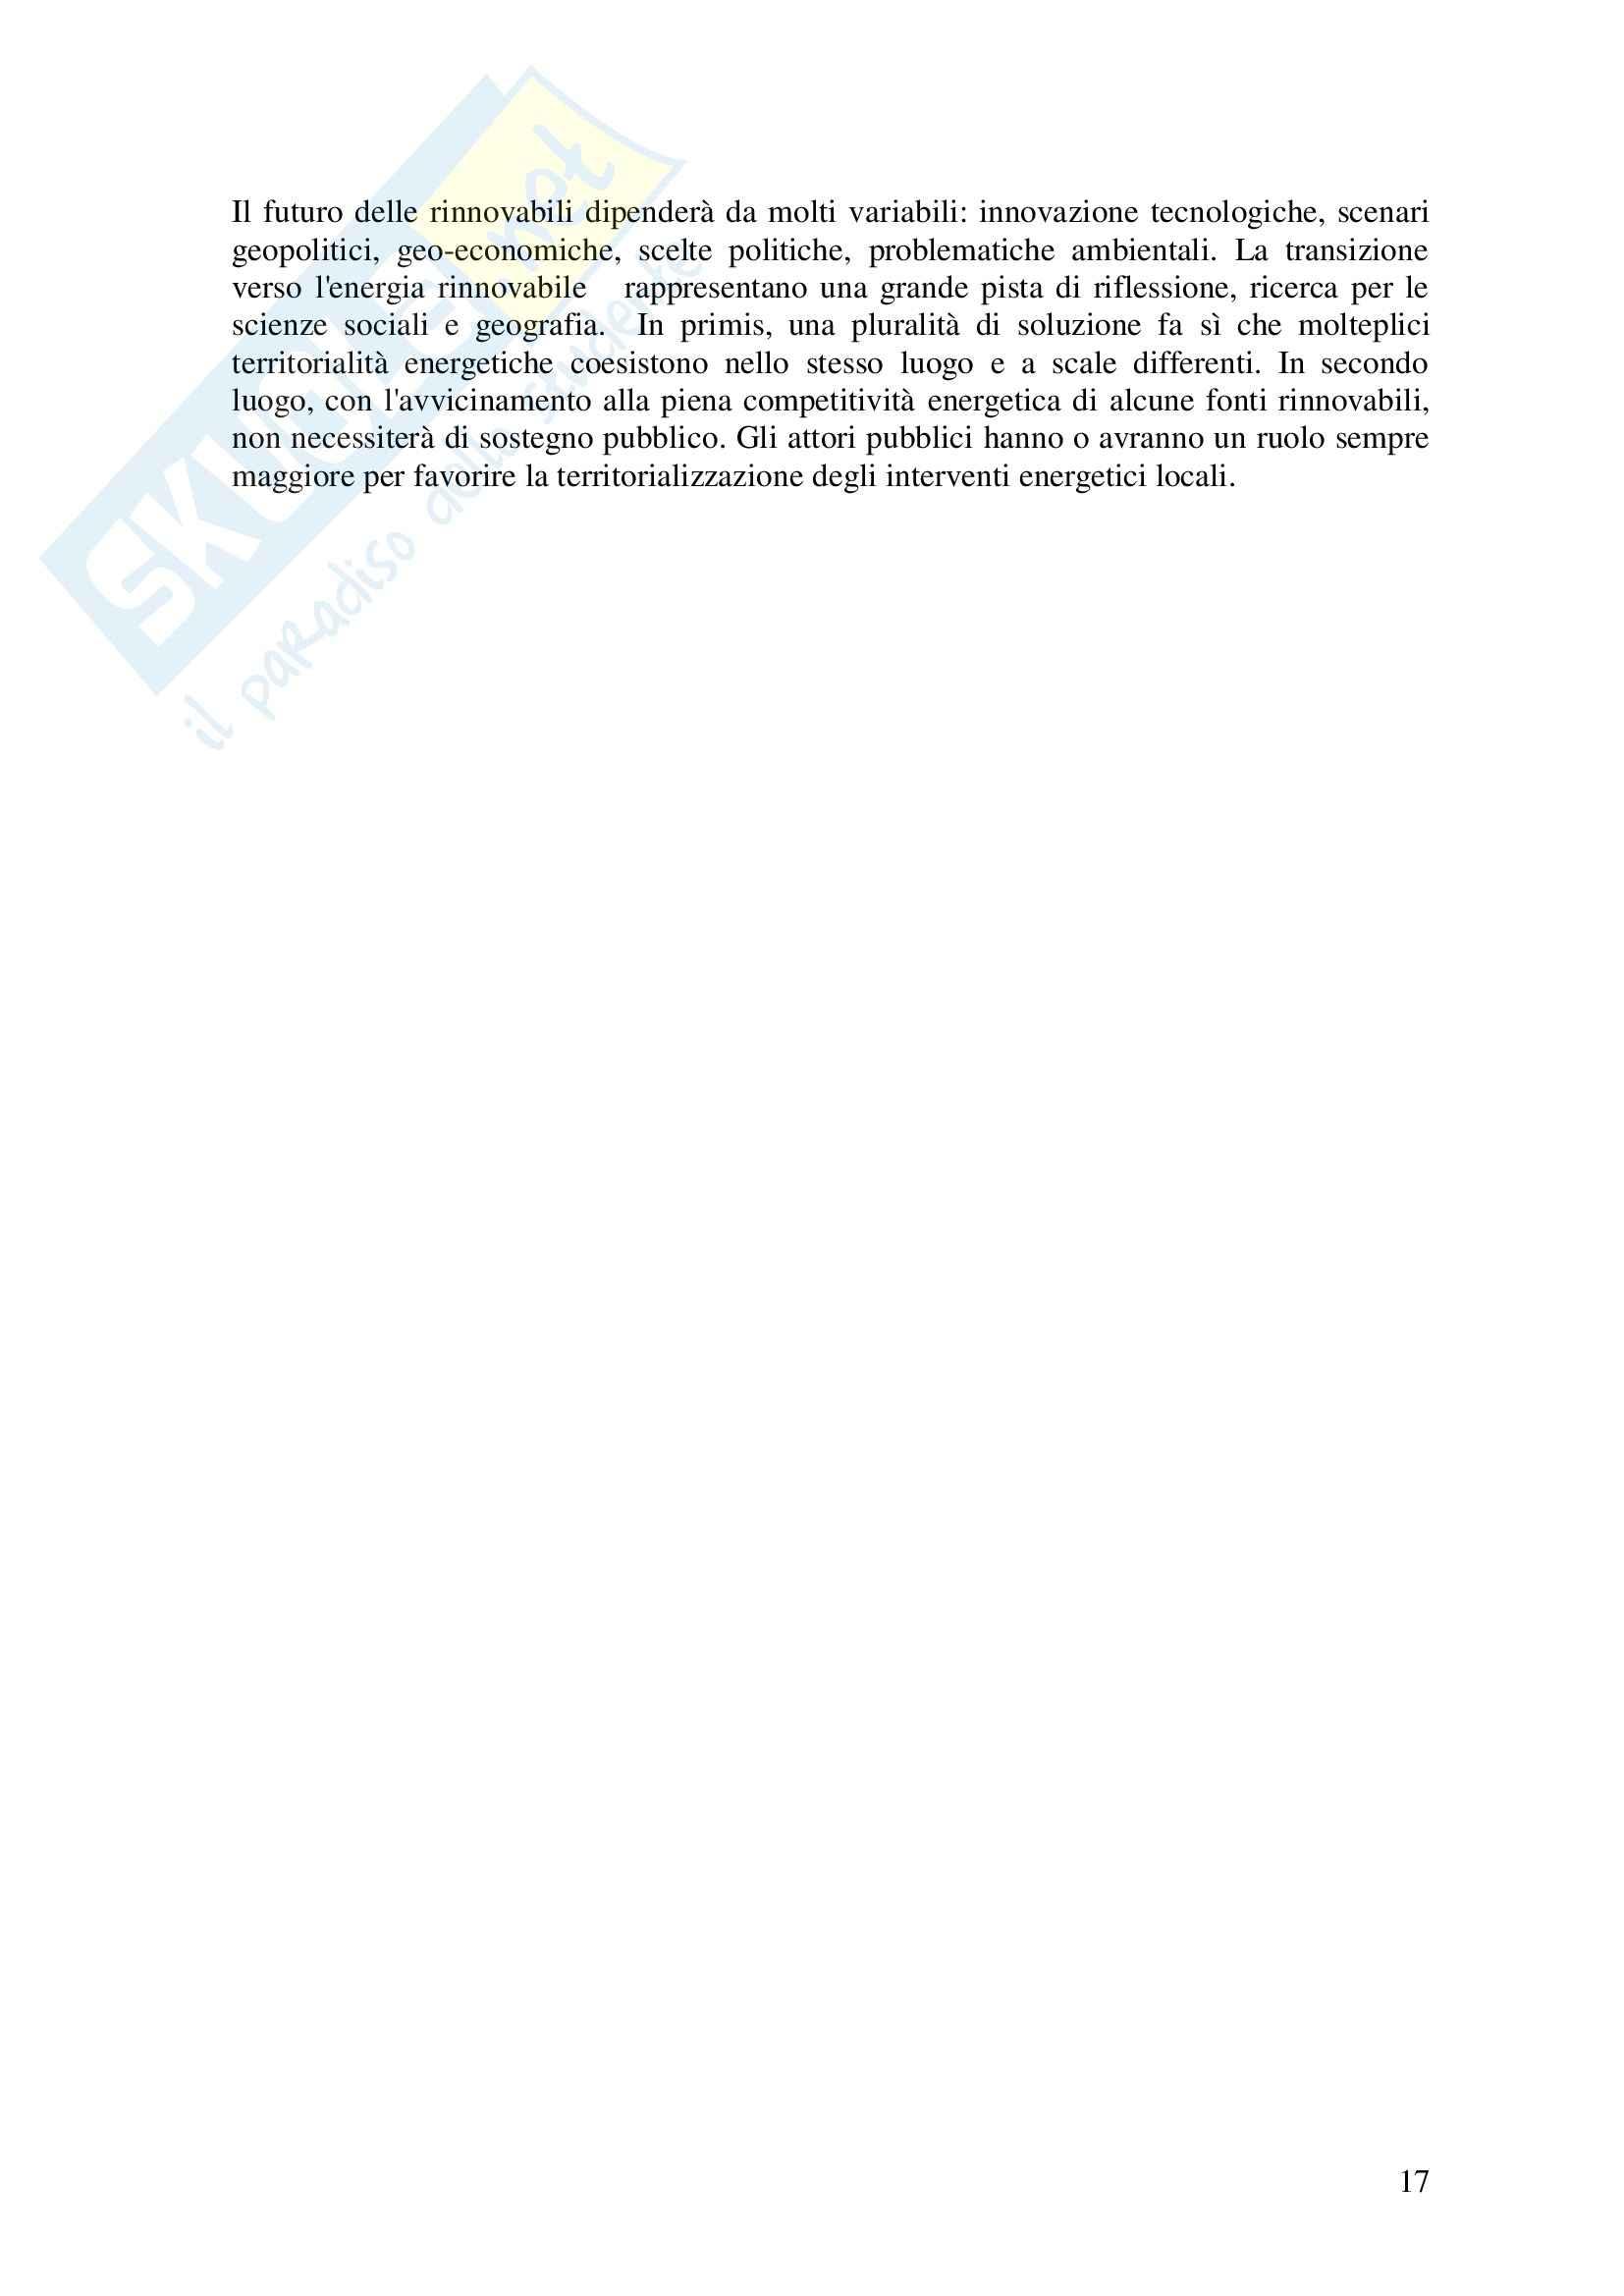 Riassunto esame Politiche del territorio e sostenibilità, libro adottato Geografia delle fonti rinnovabili, Puttili Pag. 16